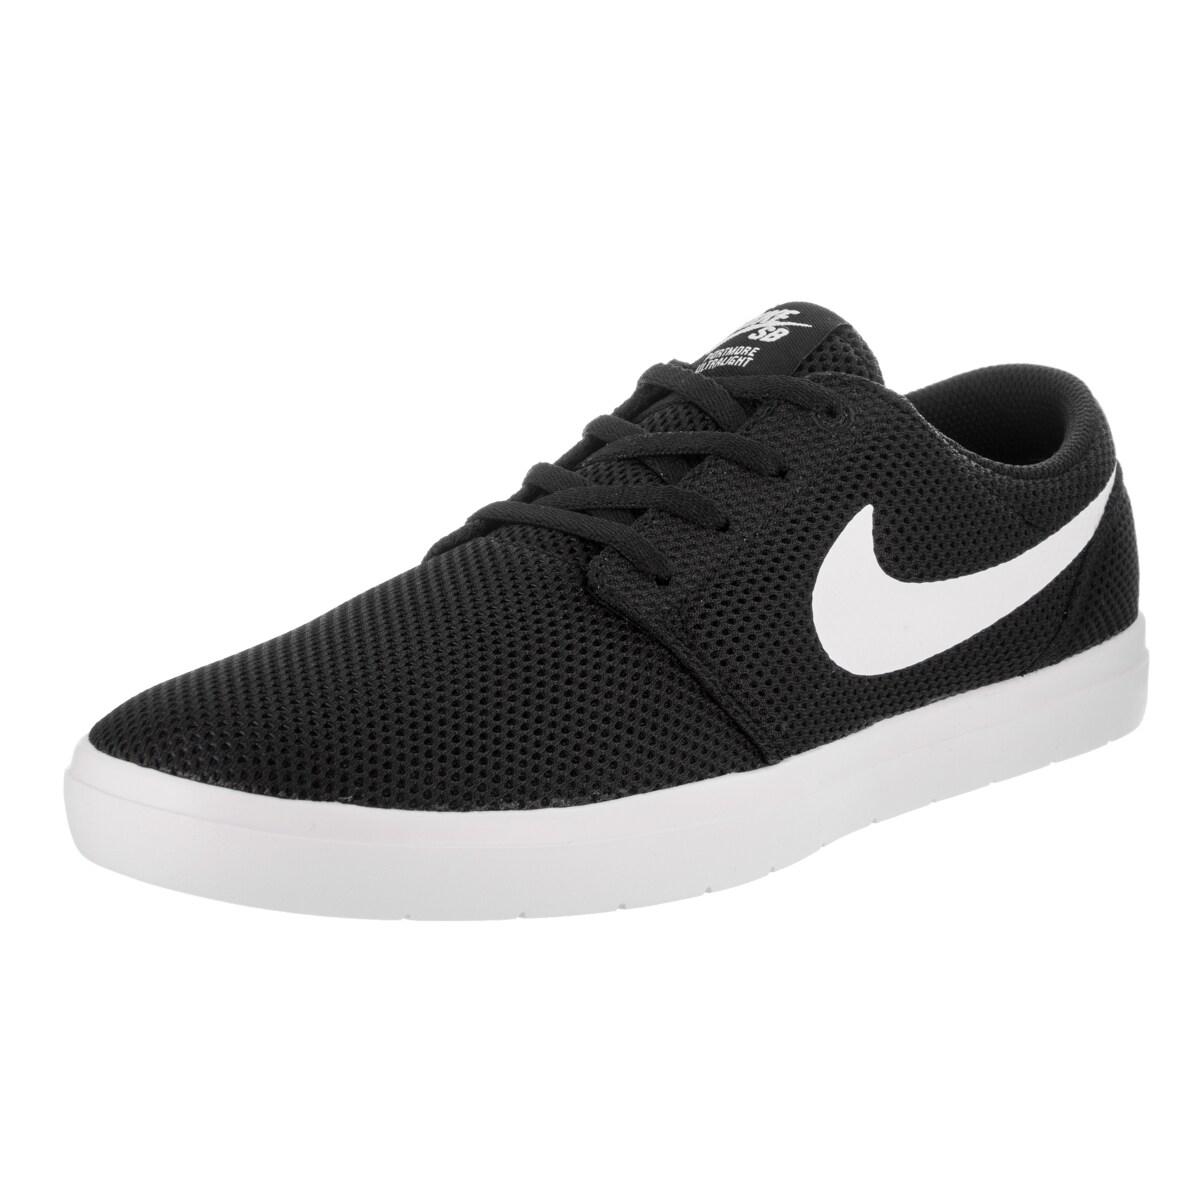 sports shoes 7f3be 8d034 Nike Mens Sb Portmore II Ultralight Skate Shoe